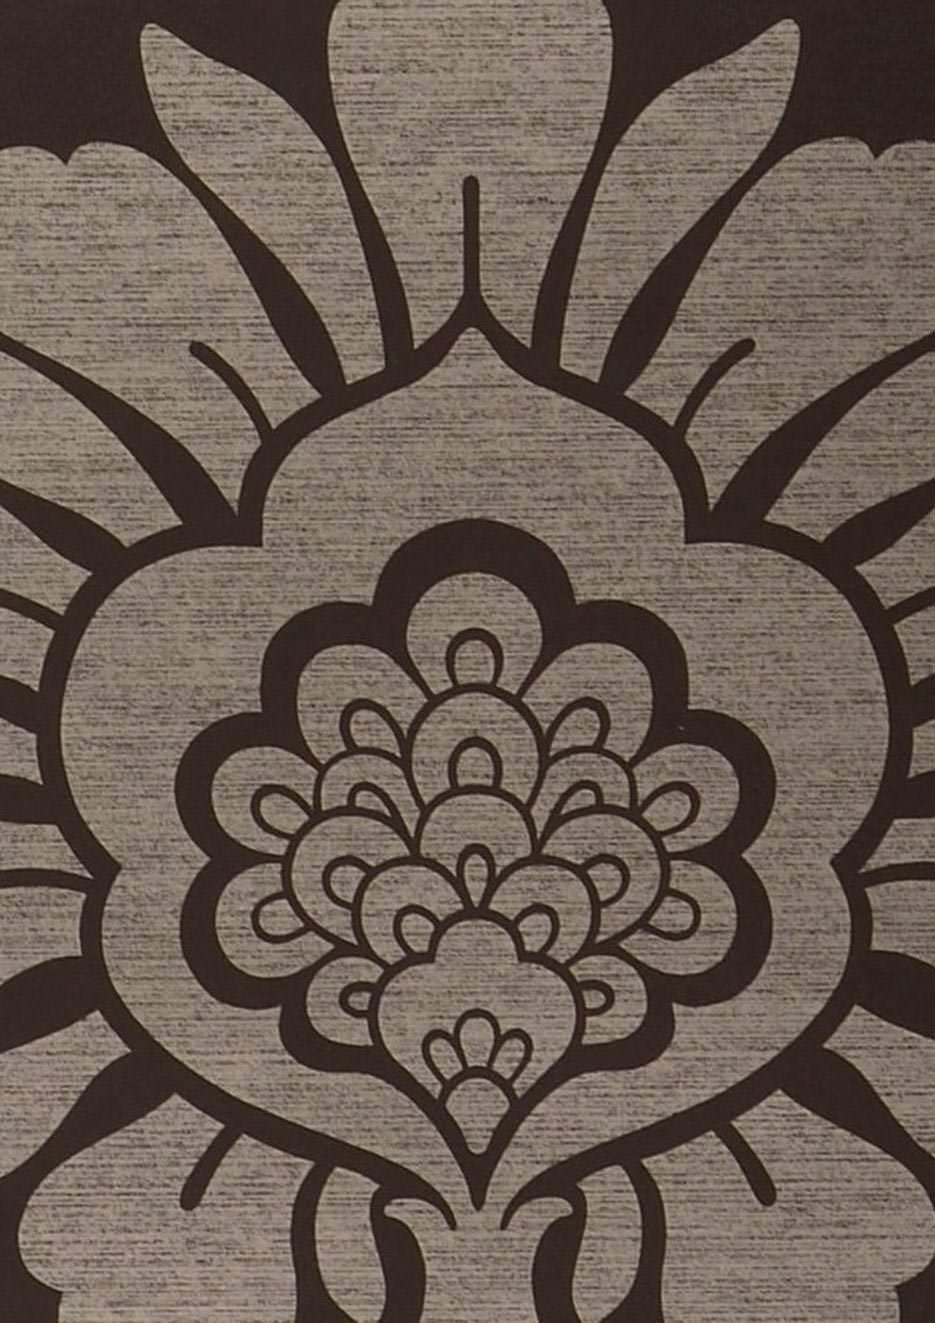 tapete hermes anthrazit weissgold tapeten der 70er. Black Bedroom Furniture Sets. Home Design Ideas